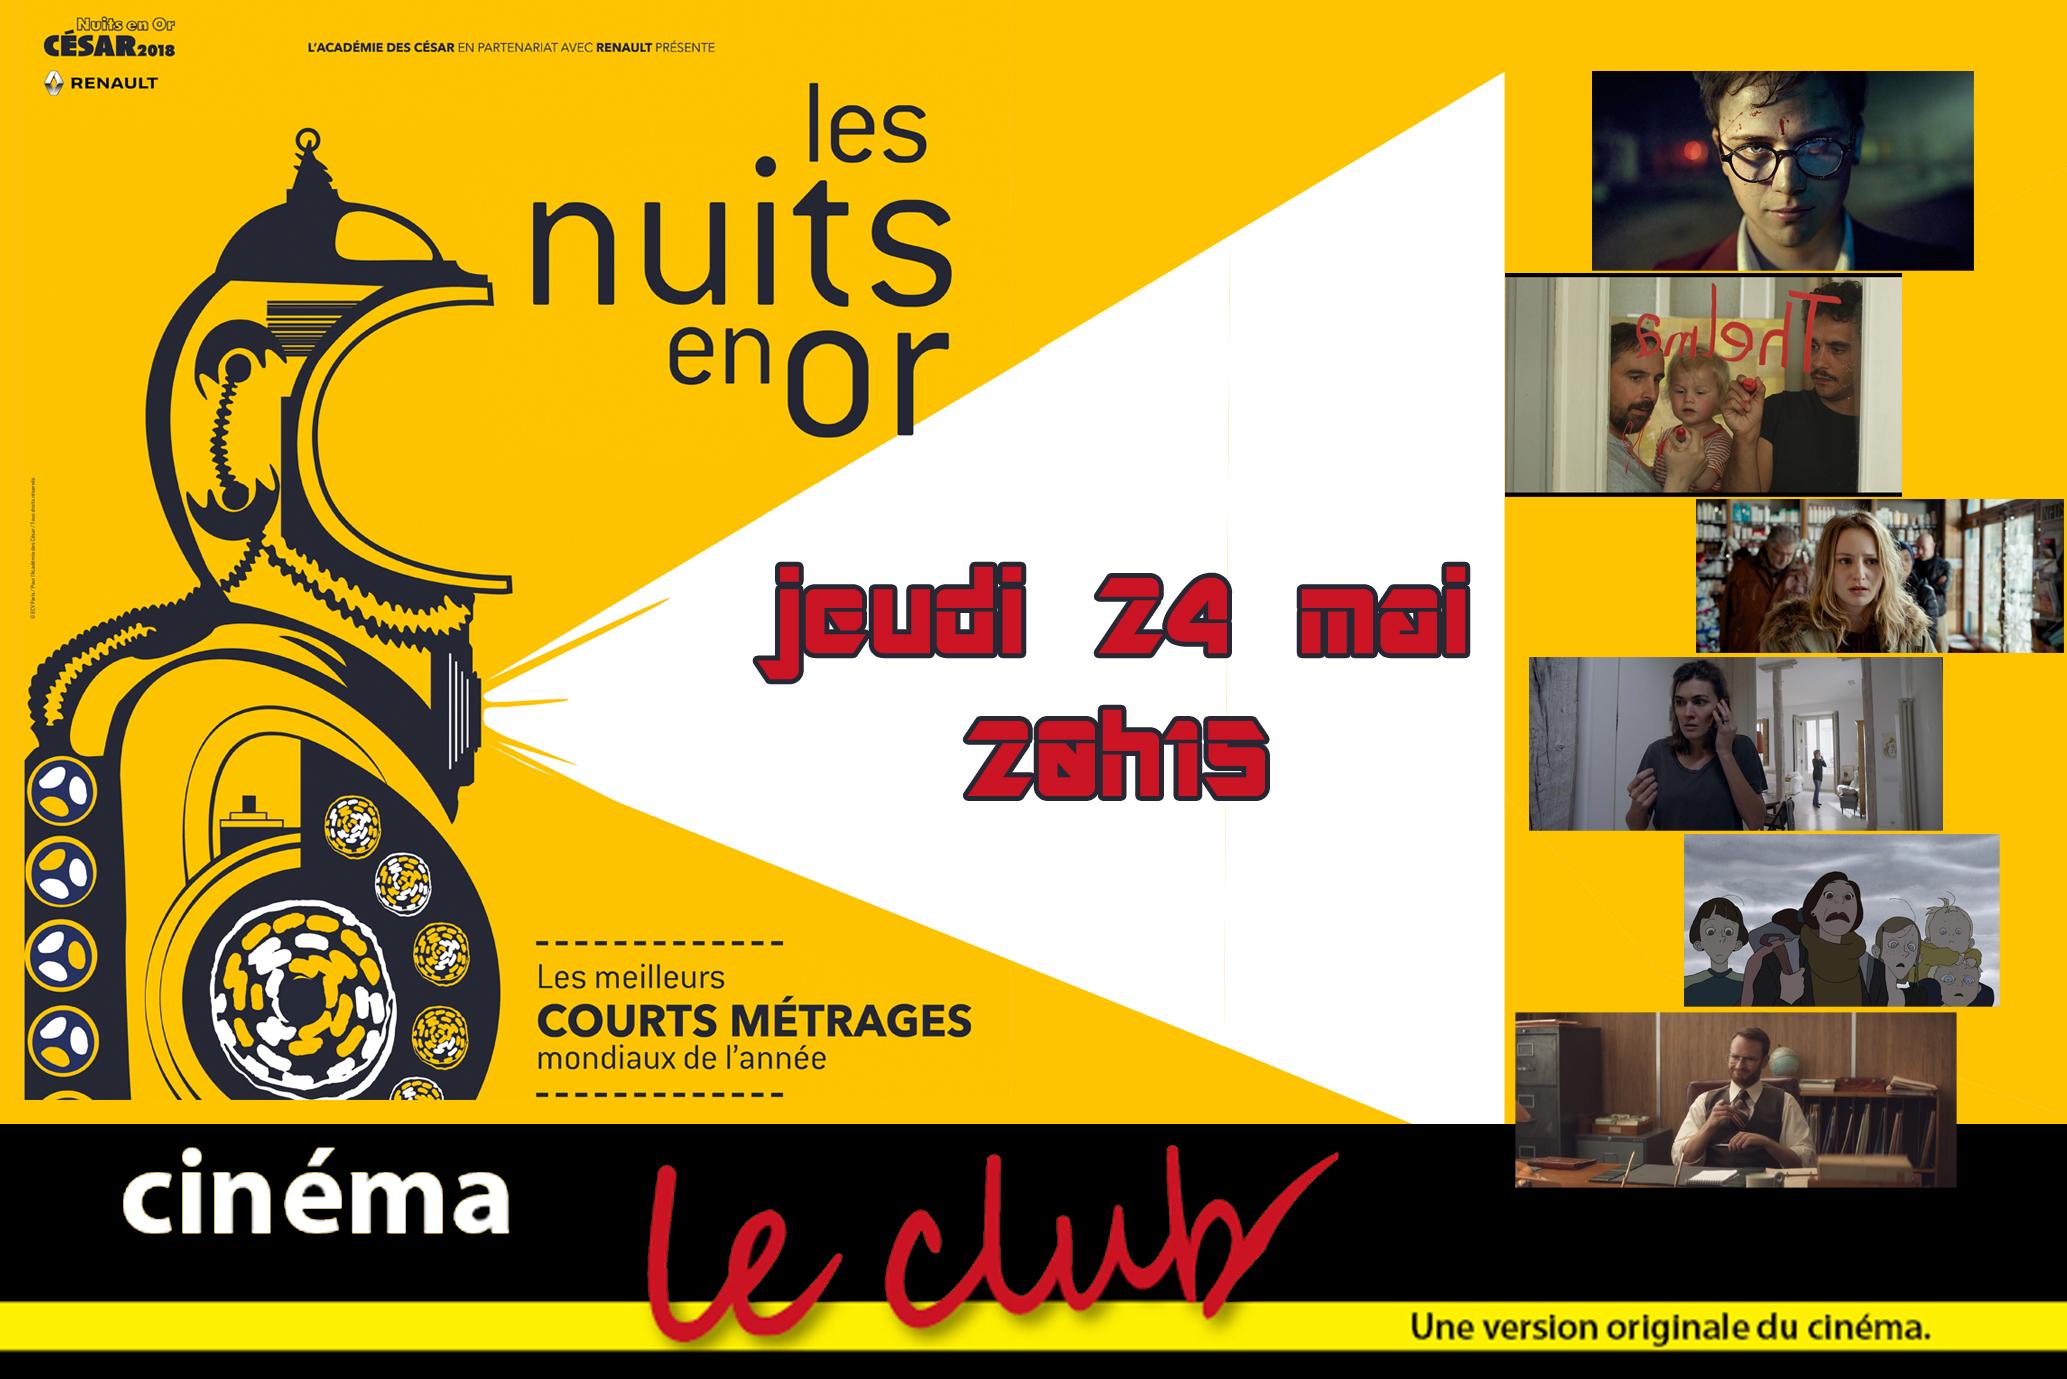 Le Et Club Essaigt; Cinéma Art dthQCsr